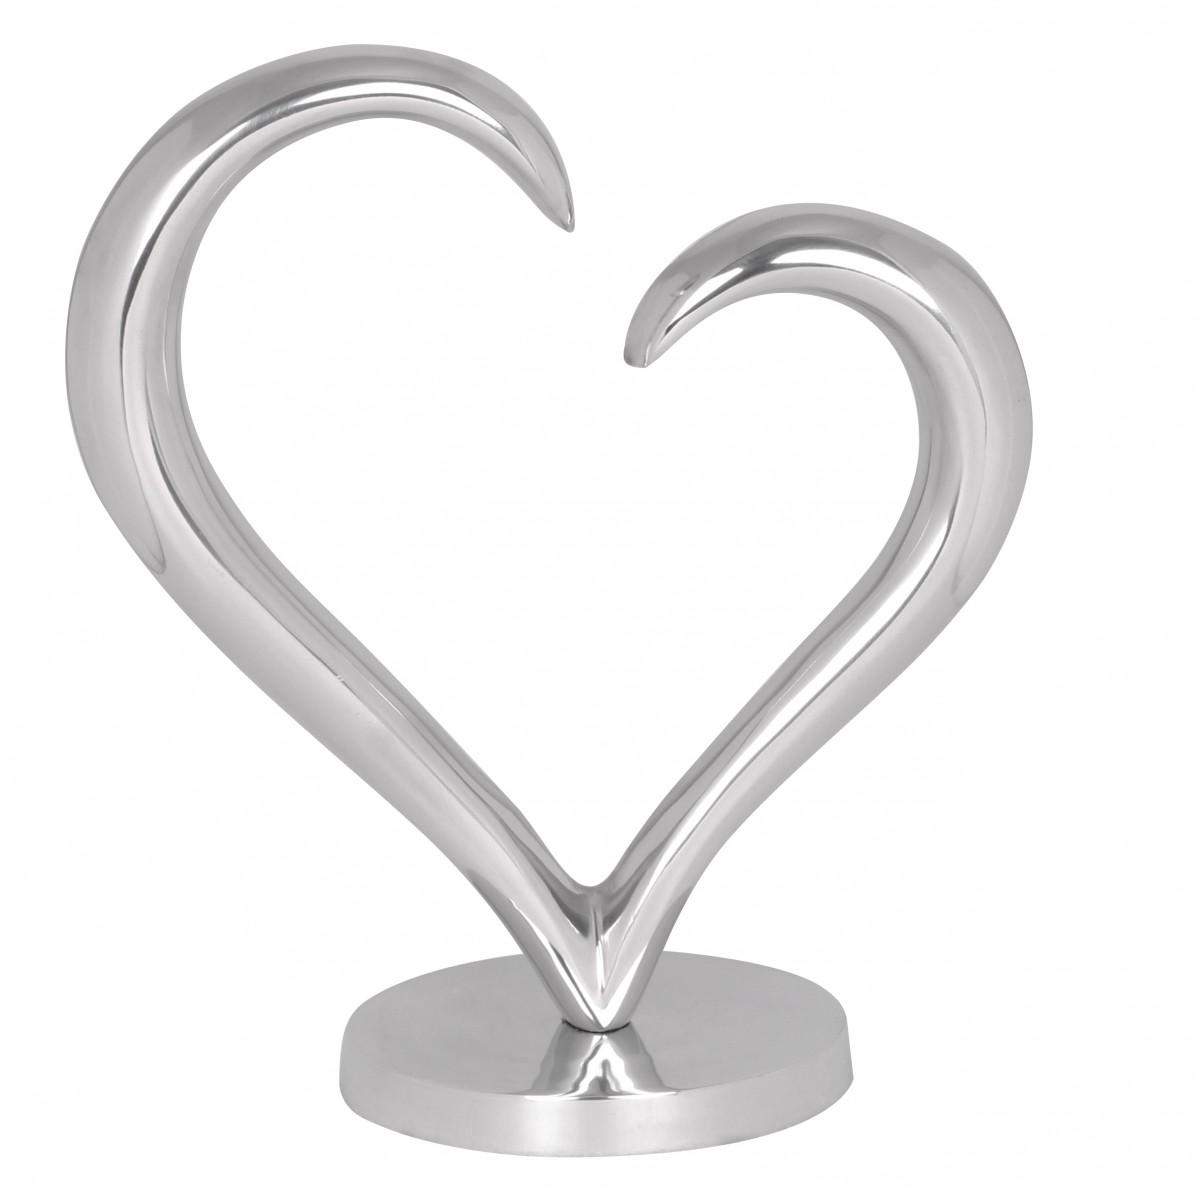 Hliníková dekorace ve tvaru srdce Amour, 35 cm